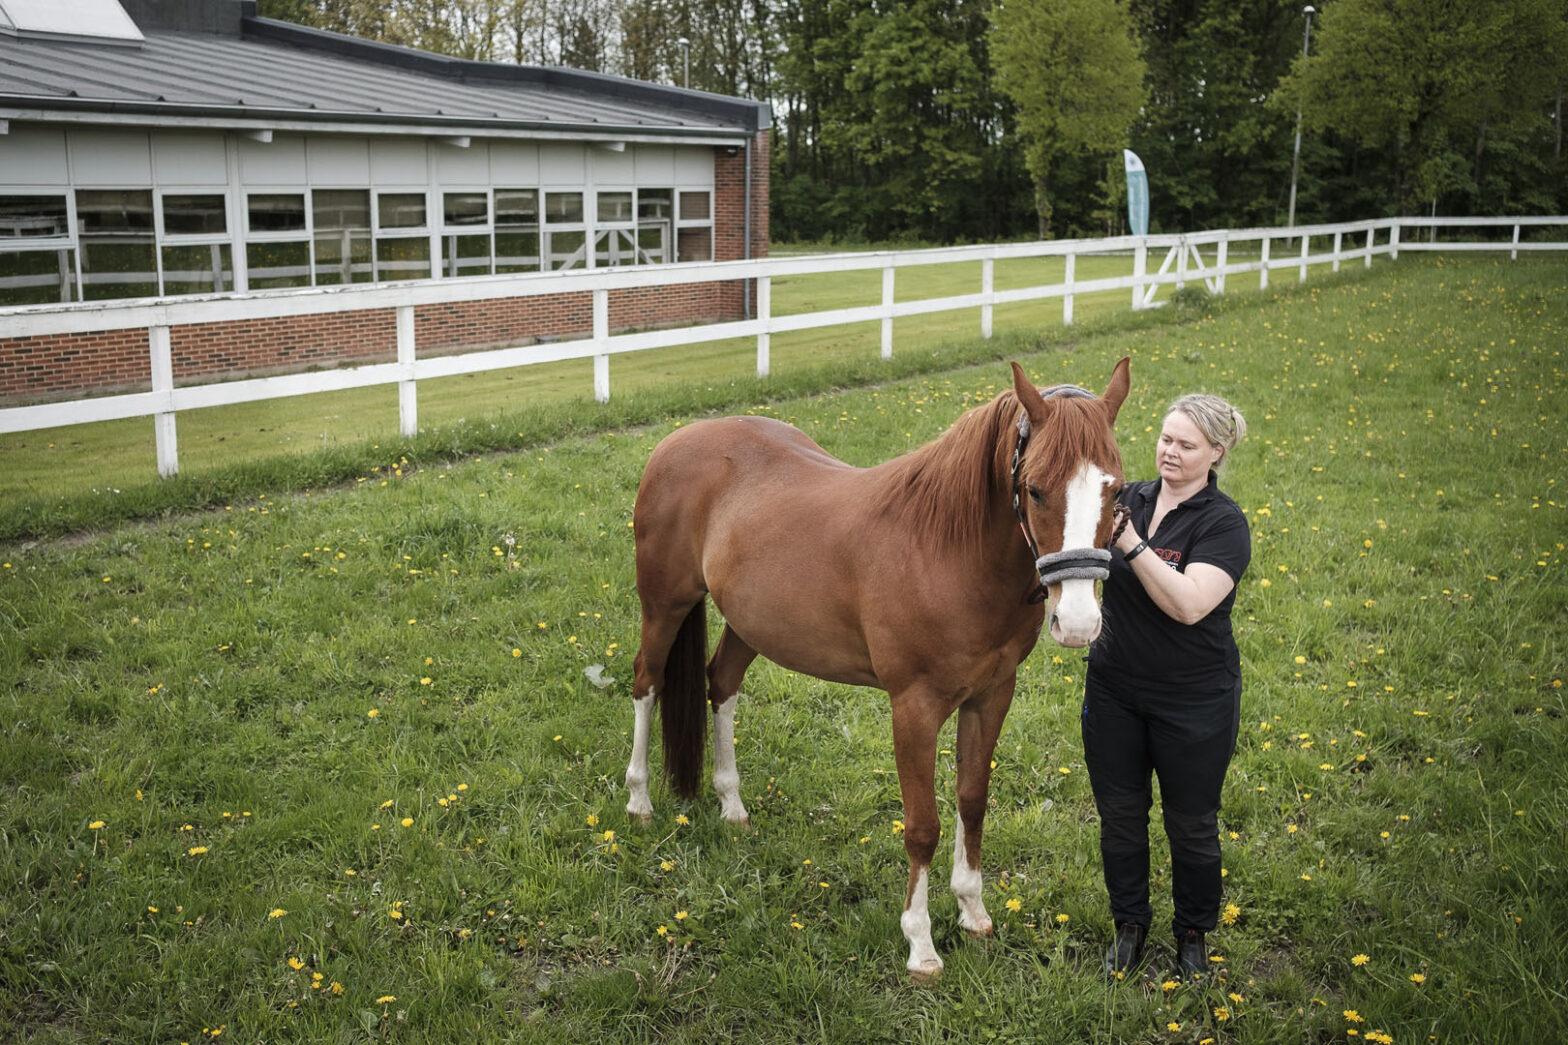 Forsikrings- og handelsundersøgelse af hest | Dyrlægegruppen Dania